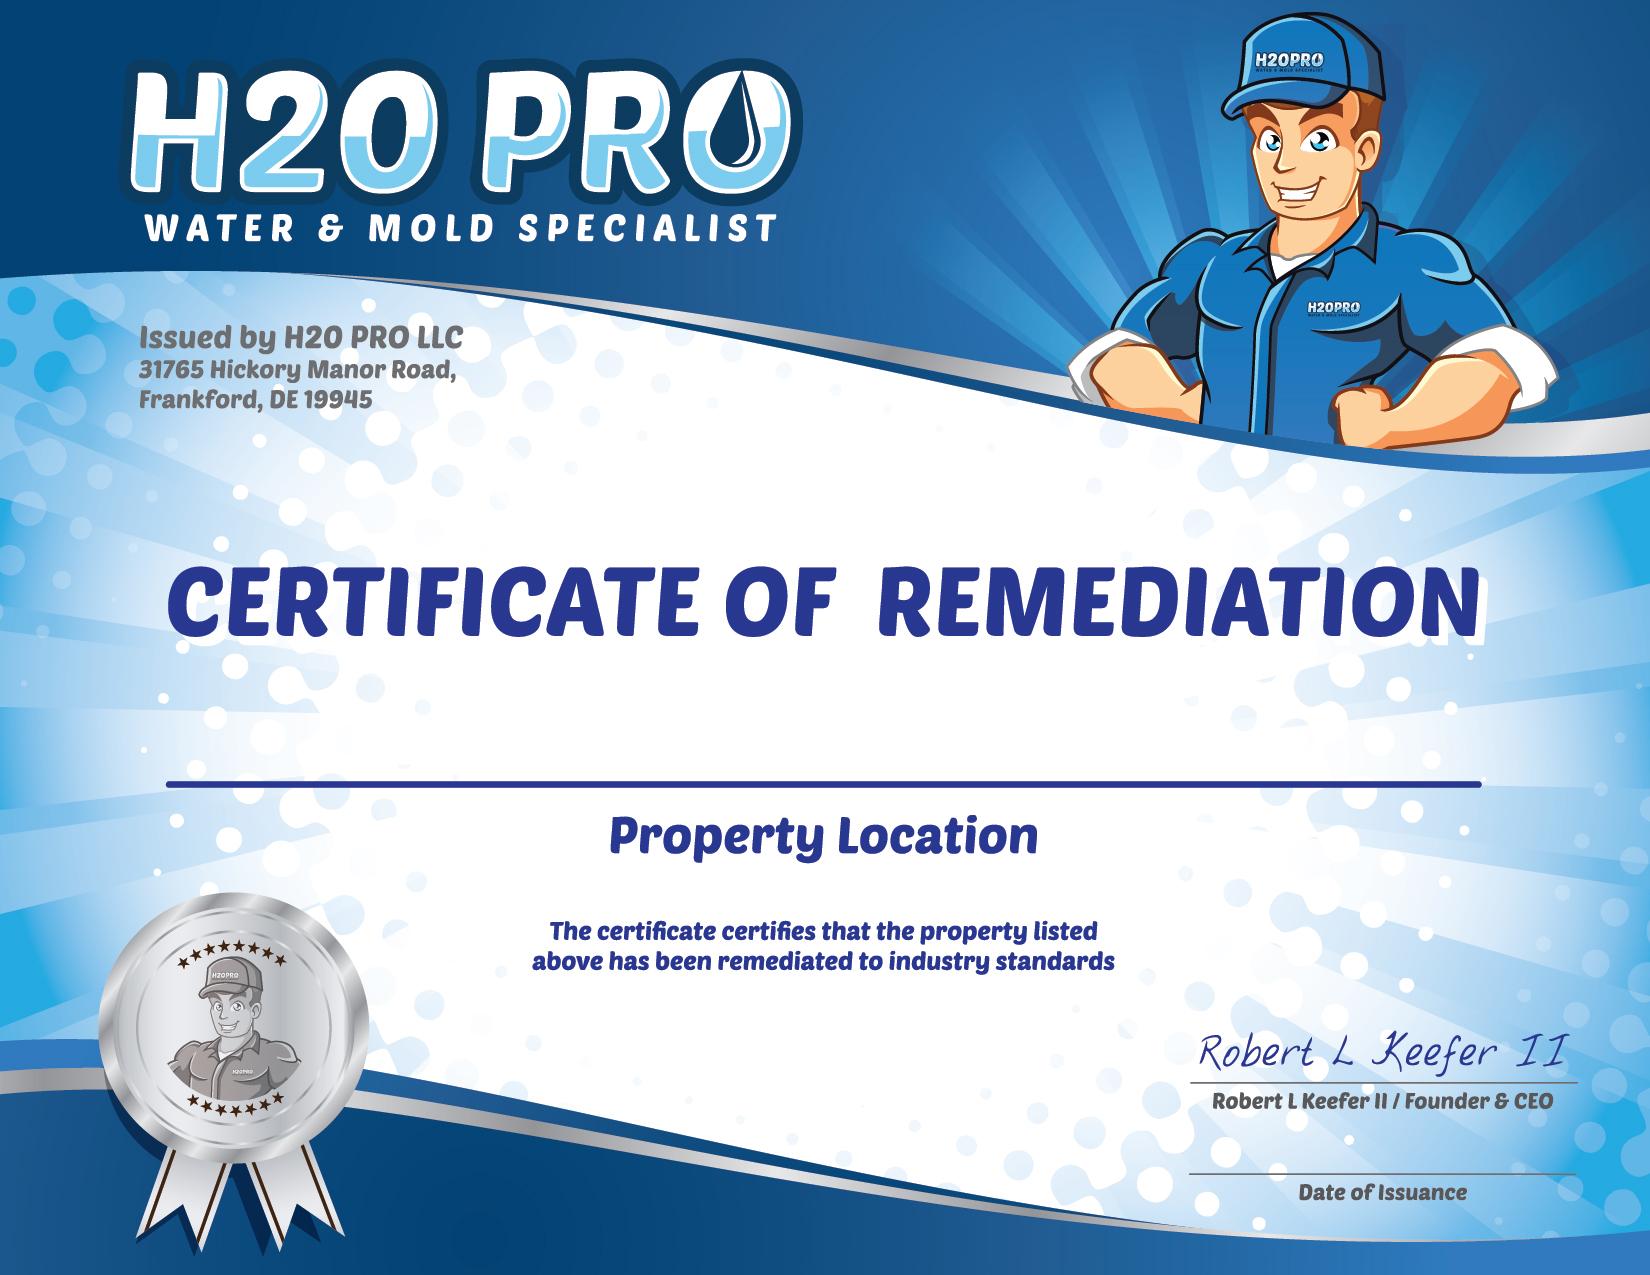 25 Year Mold Warranty